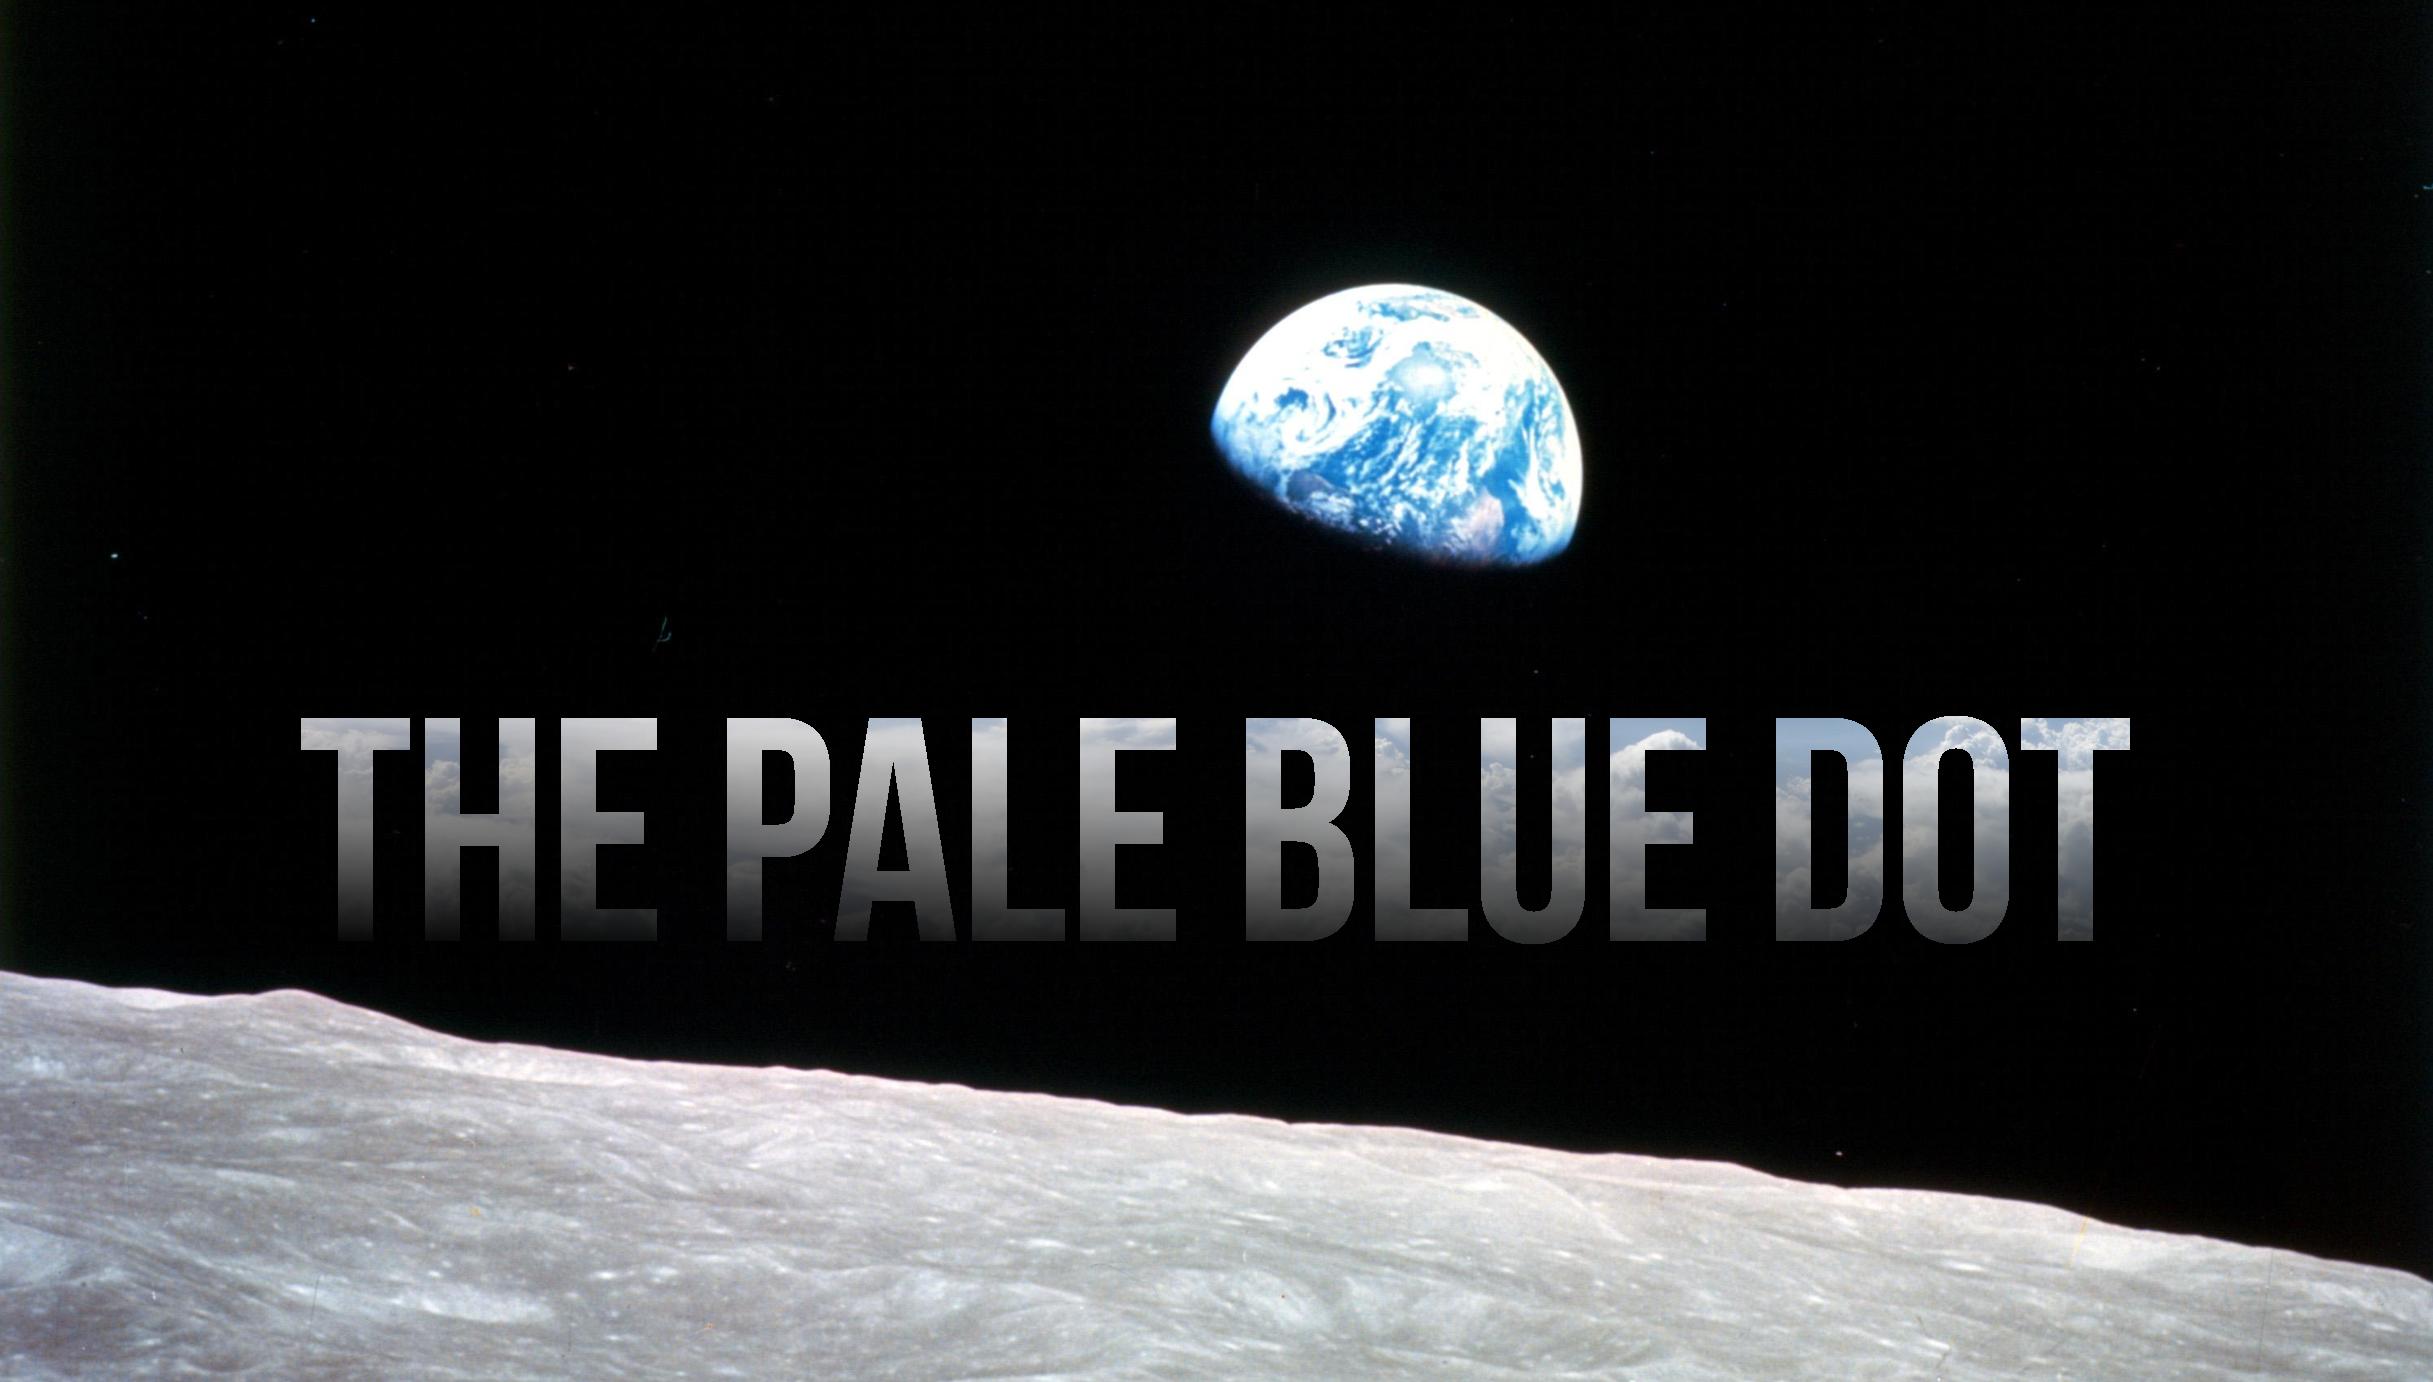 nasa blue marble carl sagan - photo #27